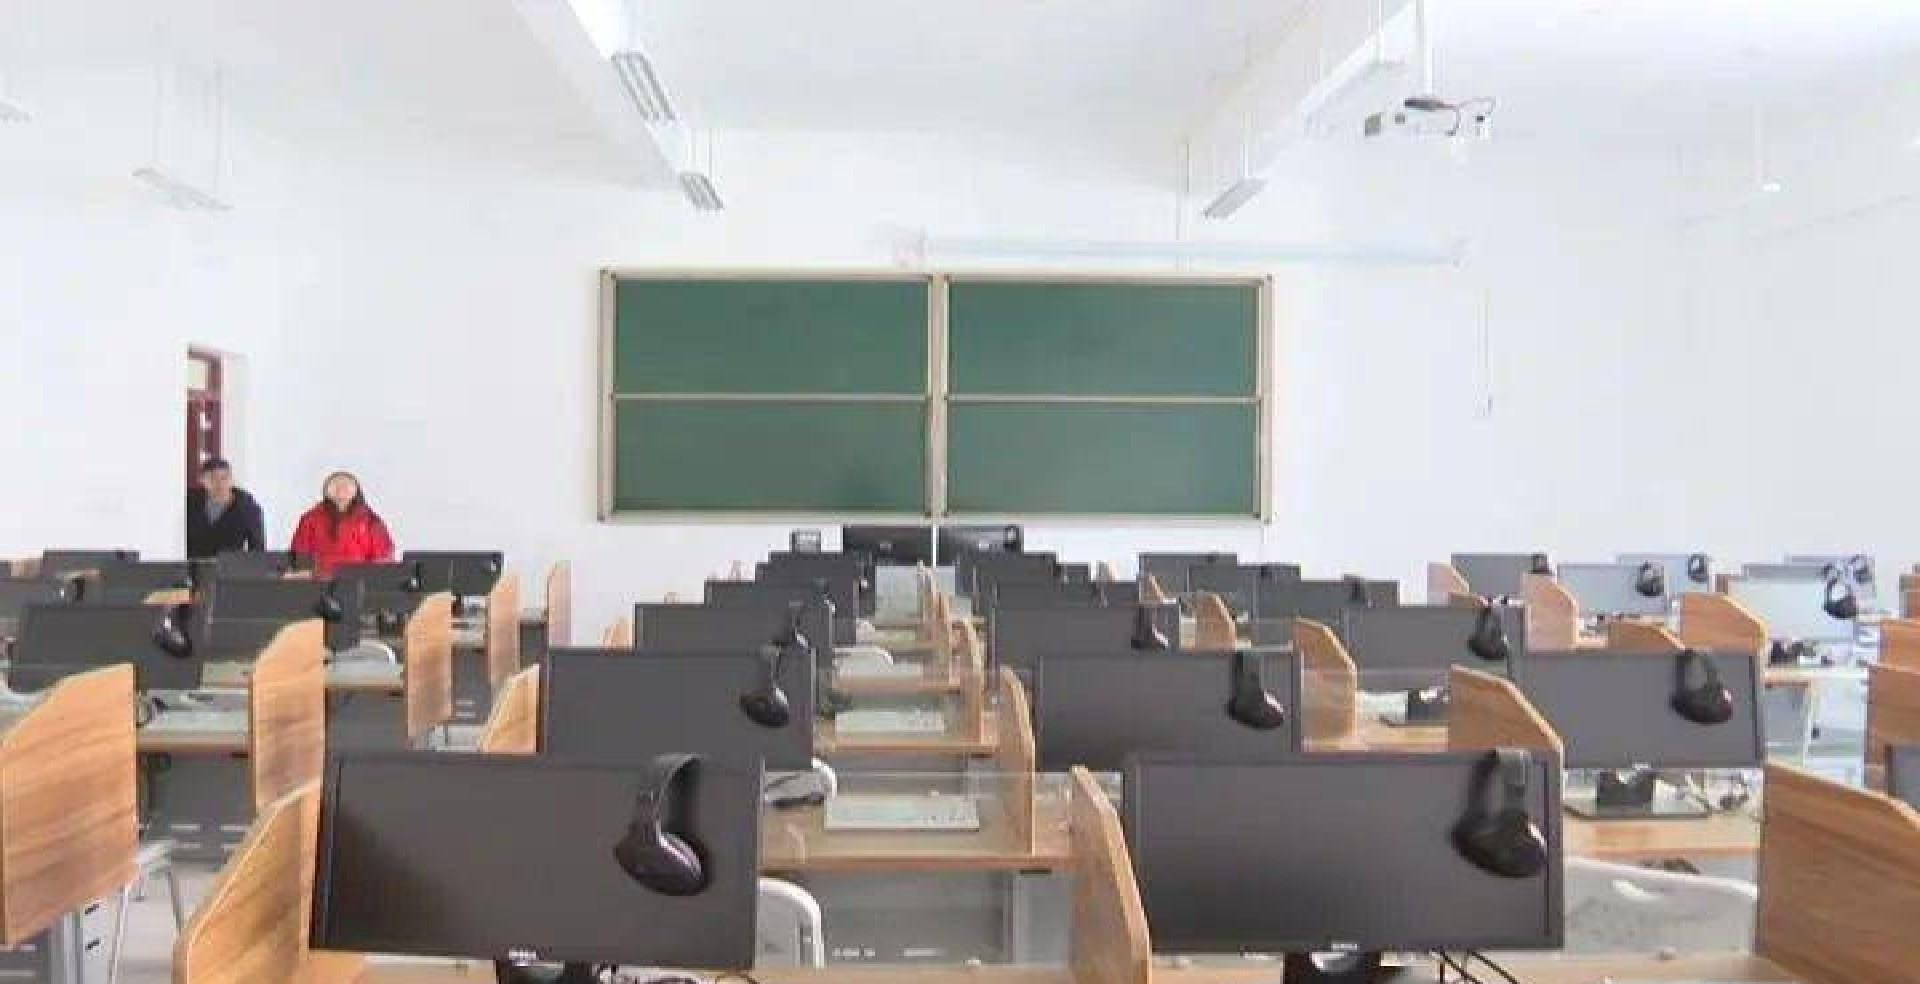 广东航空类大学来袭,耗资20亿选址肇庆,对接粤港澳大湾区